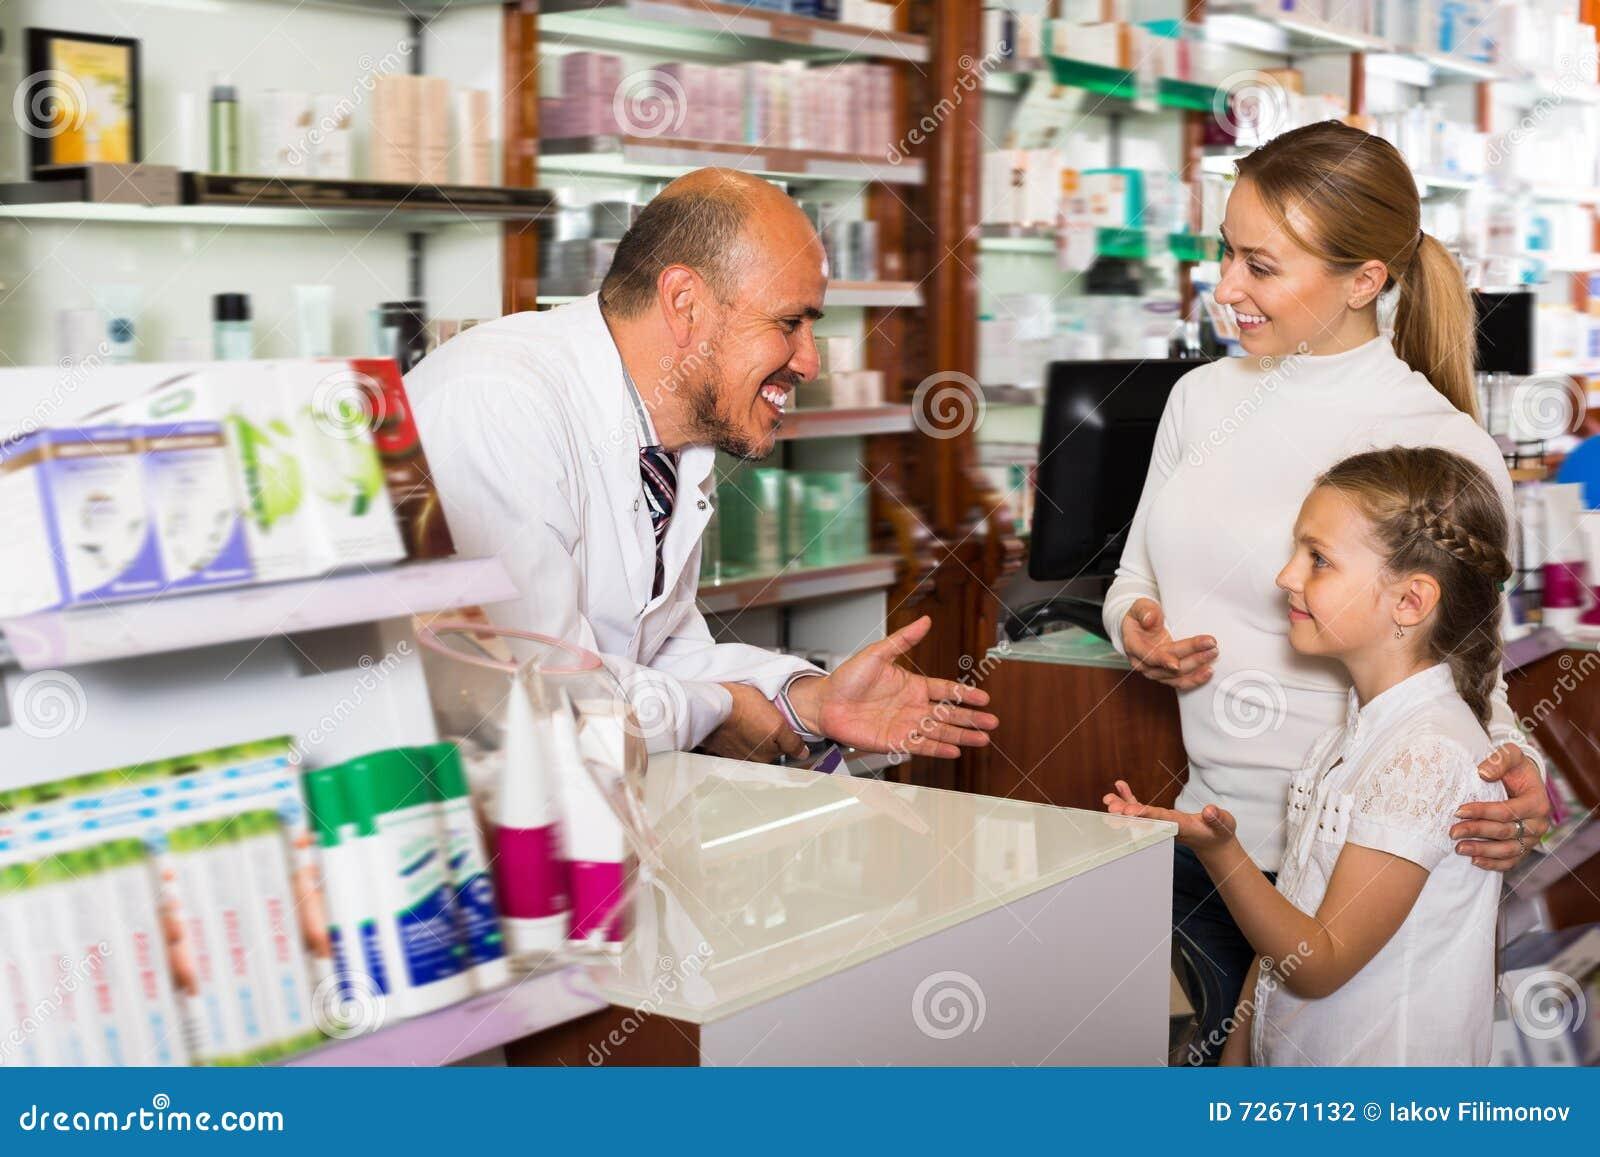 Ευτυχής ώριμος αρσενικός φαρμακοποιός που βοηθά τους πελάτες